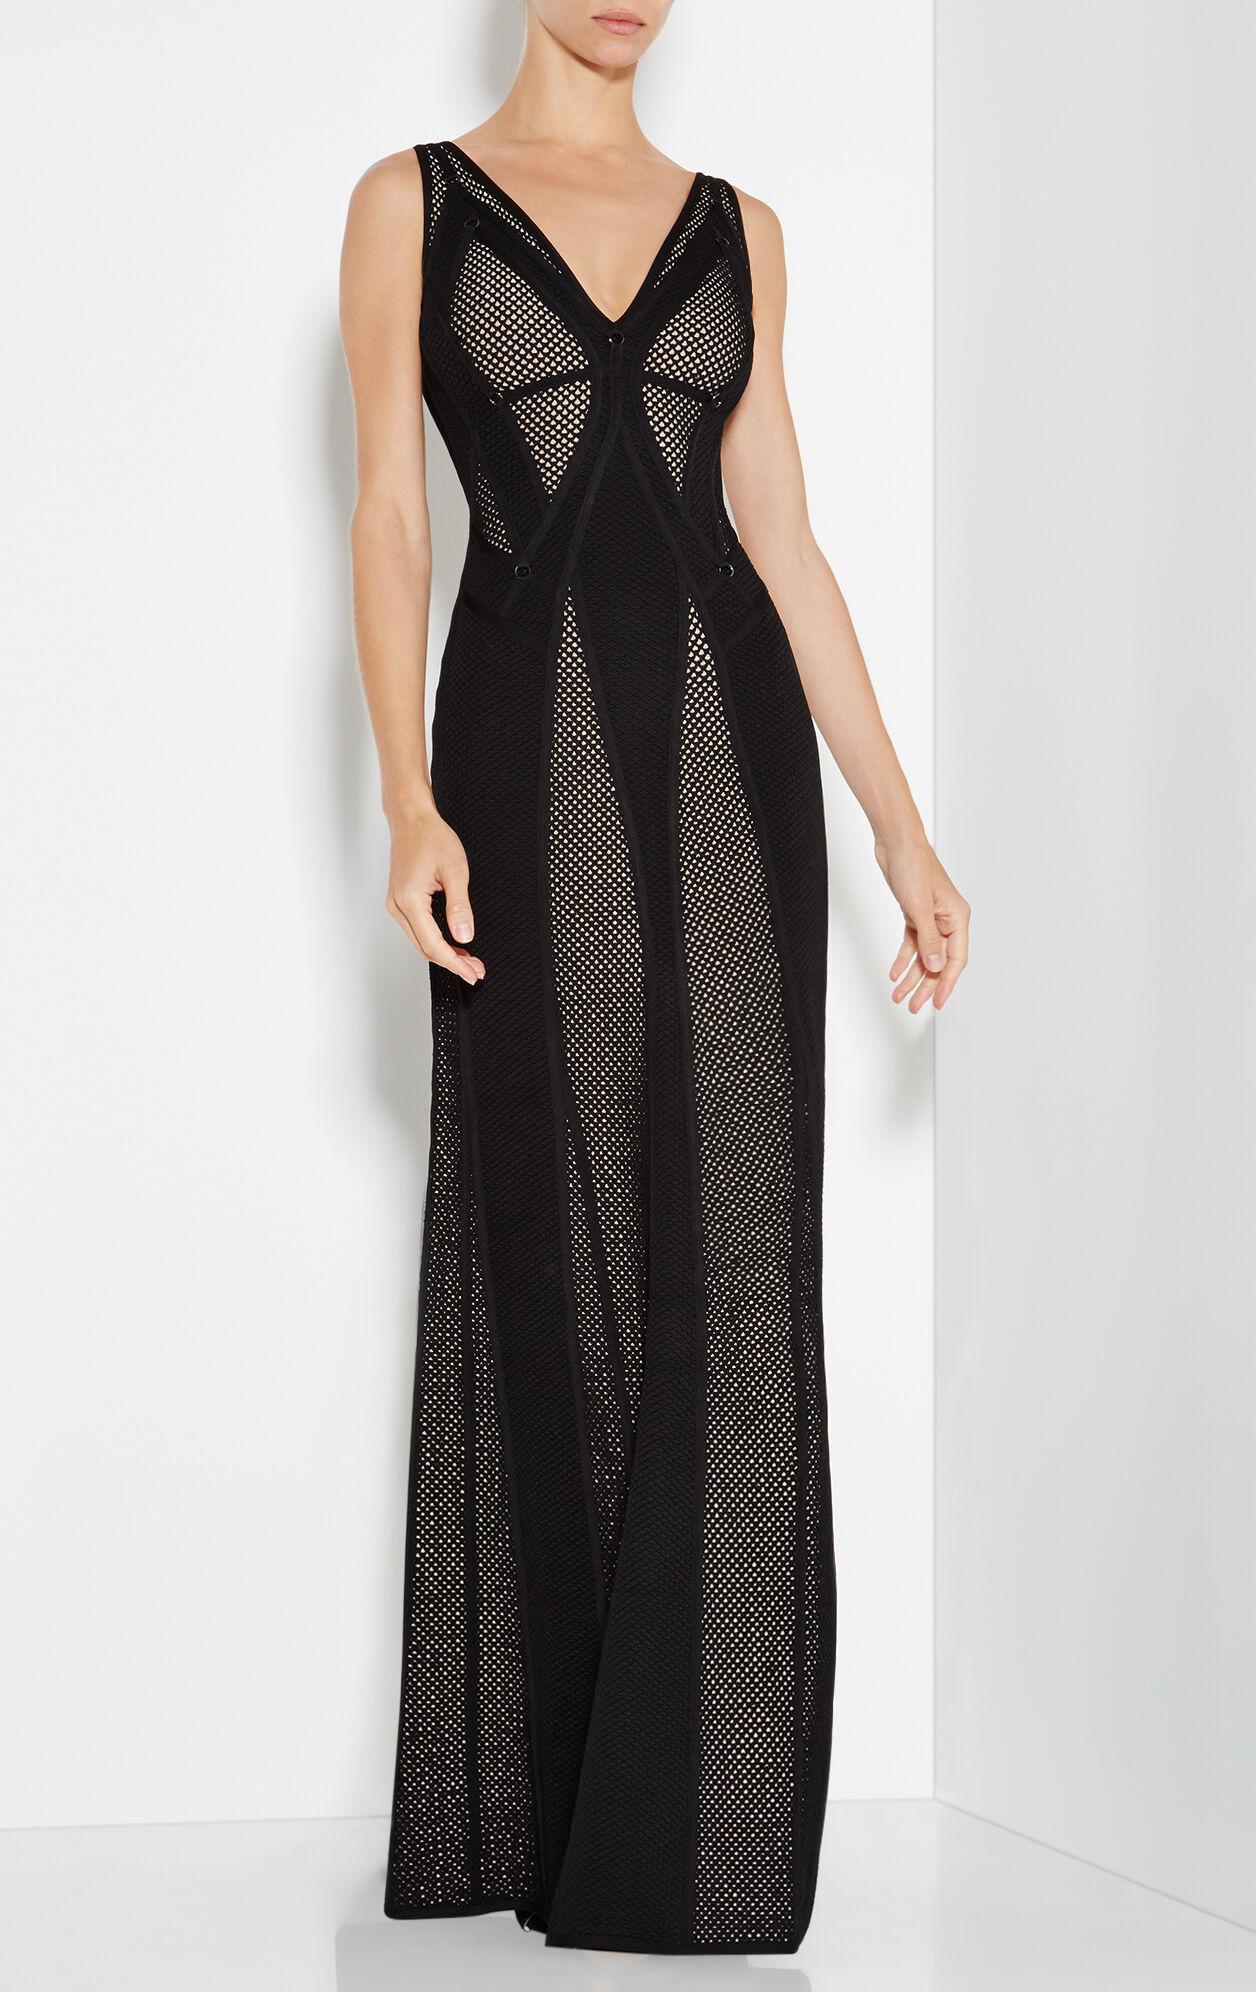 Lena Plaited Mesh Ring Detail Dress